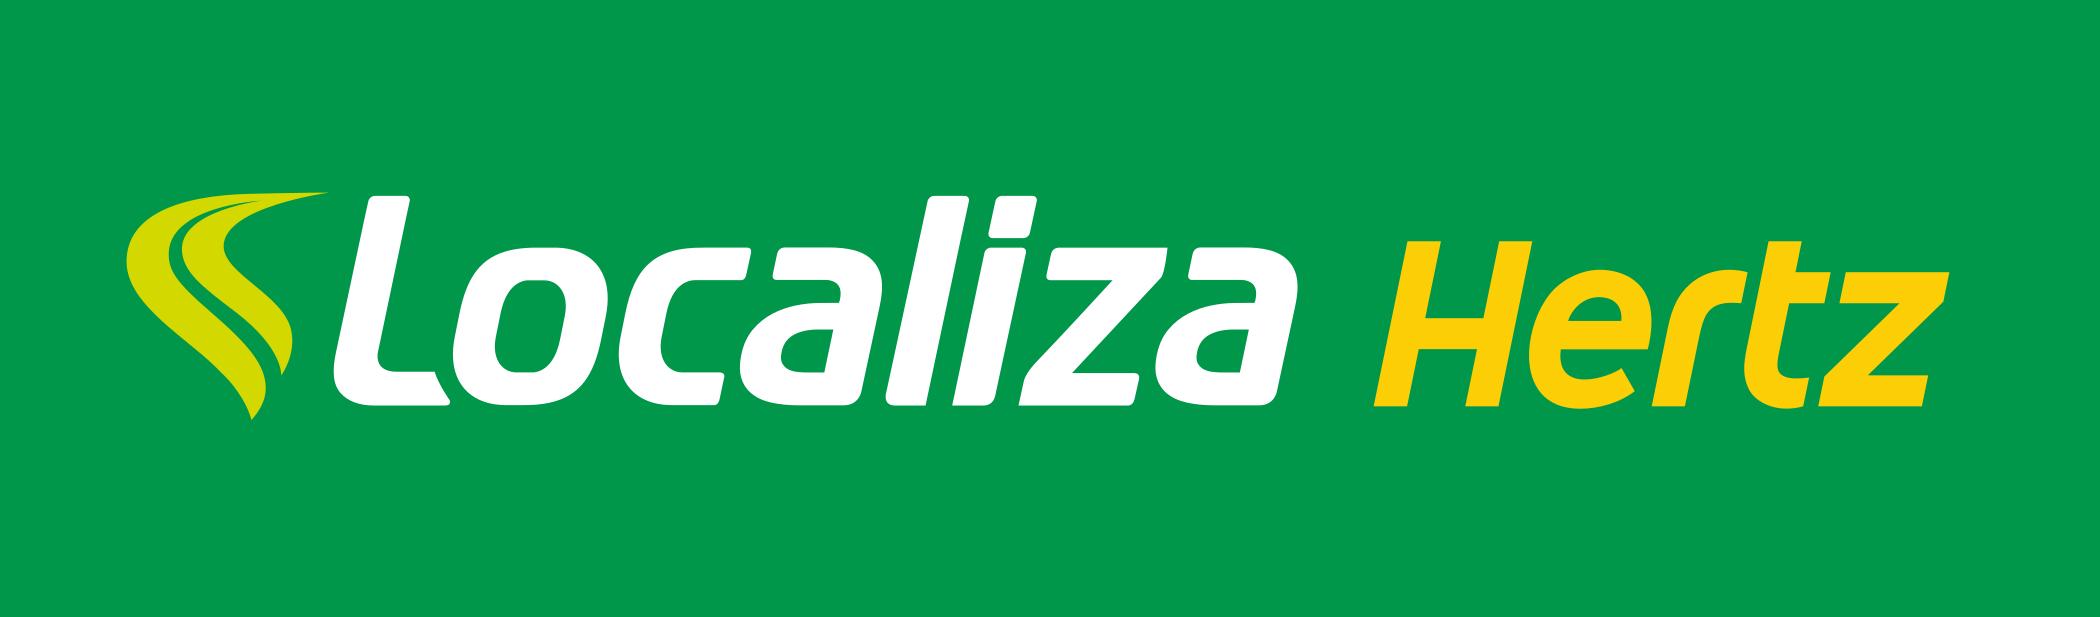 localiza hertz logo 2 - Localiza Hertz Logo